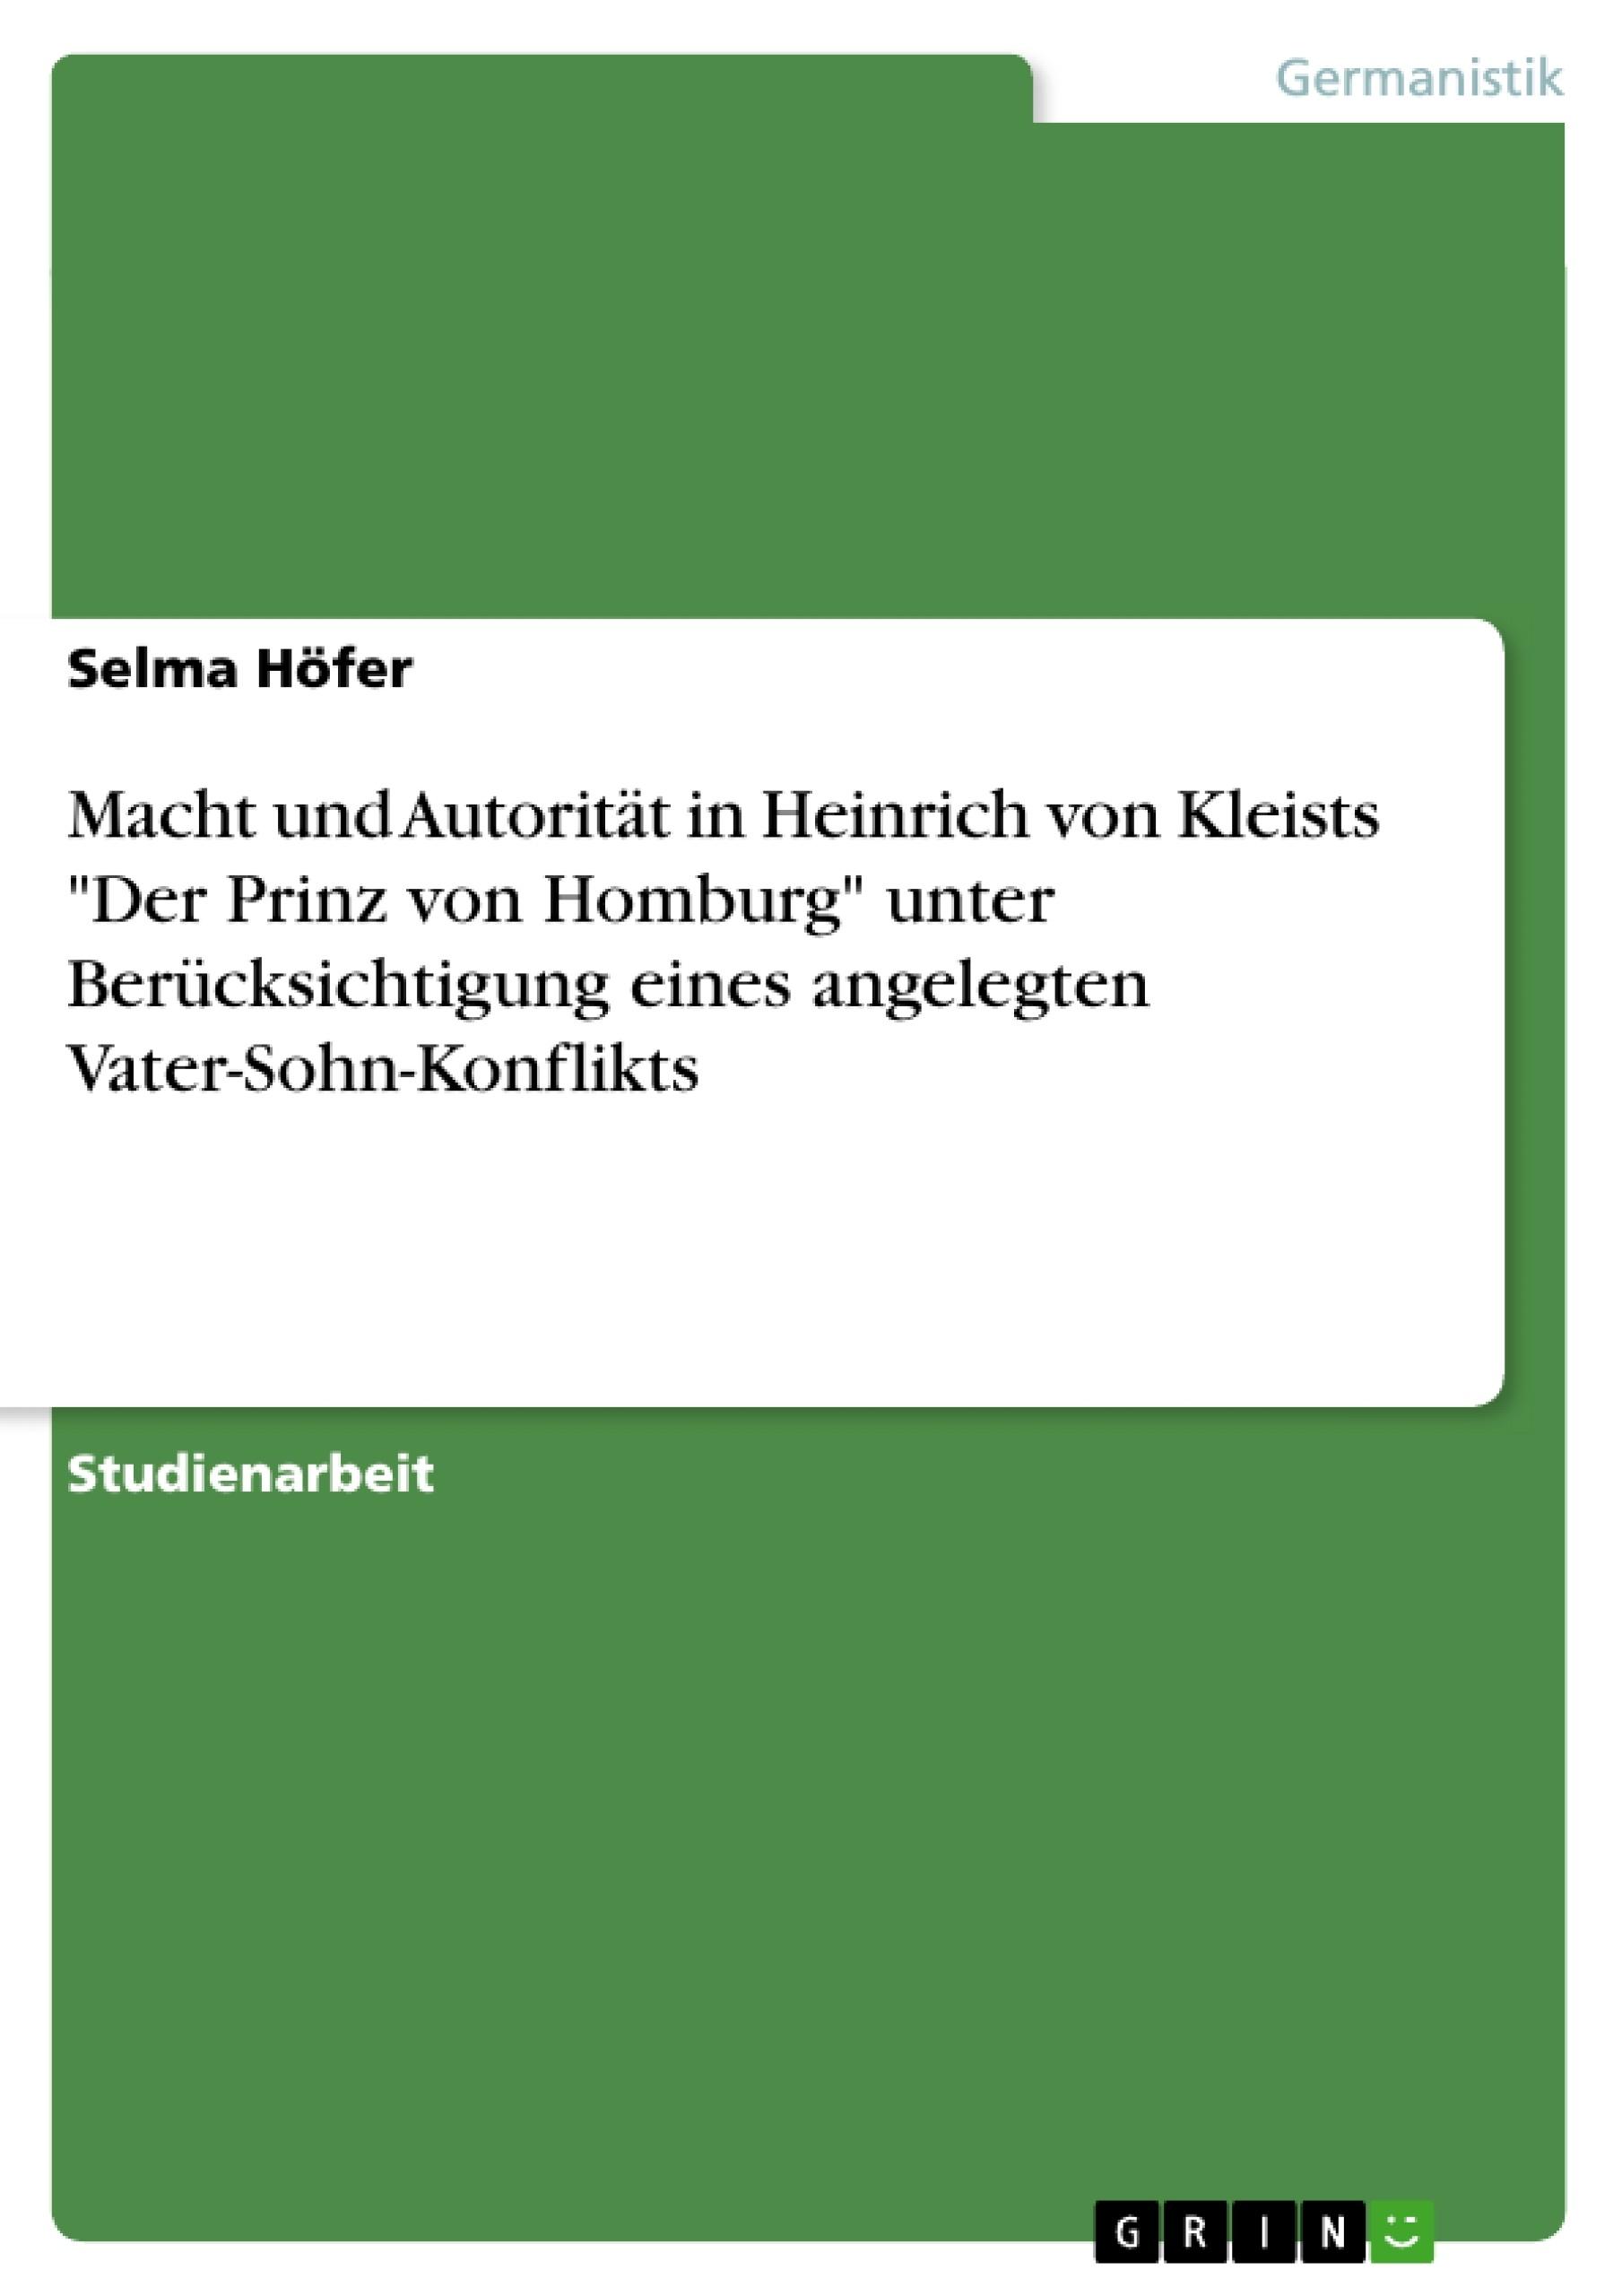 """Titel: Macht und Autorität in Heinrich von Kleists """"Der Prinz von Homburg"""" unter Berücksichtigung eines angelegten Vater-Sohn-Konflikts"""